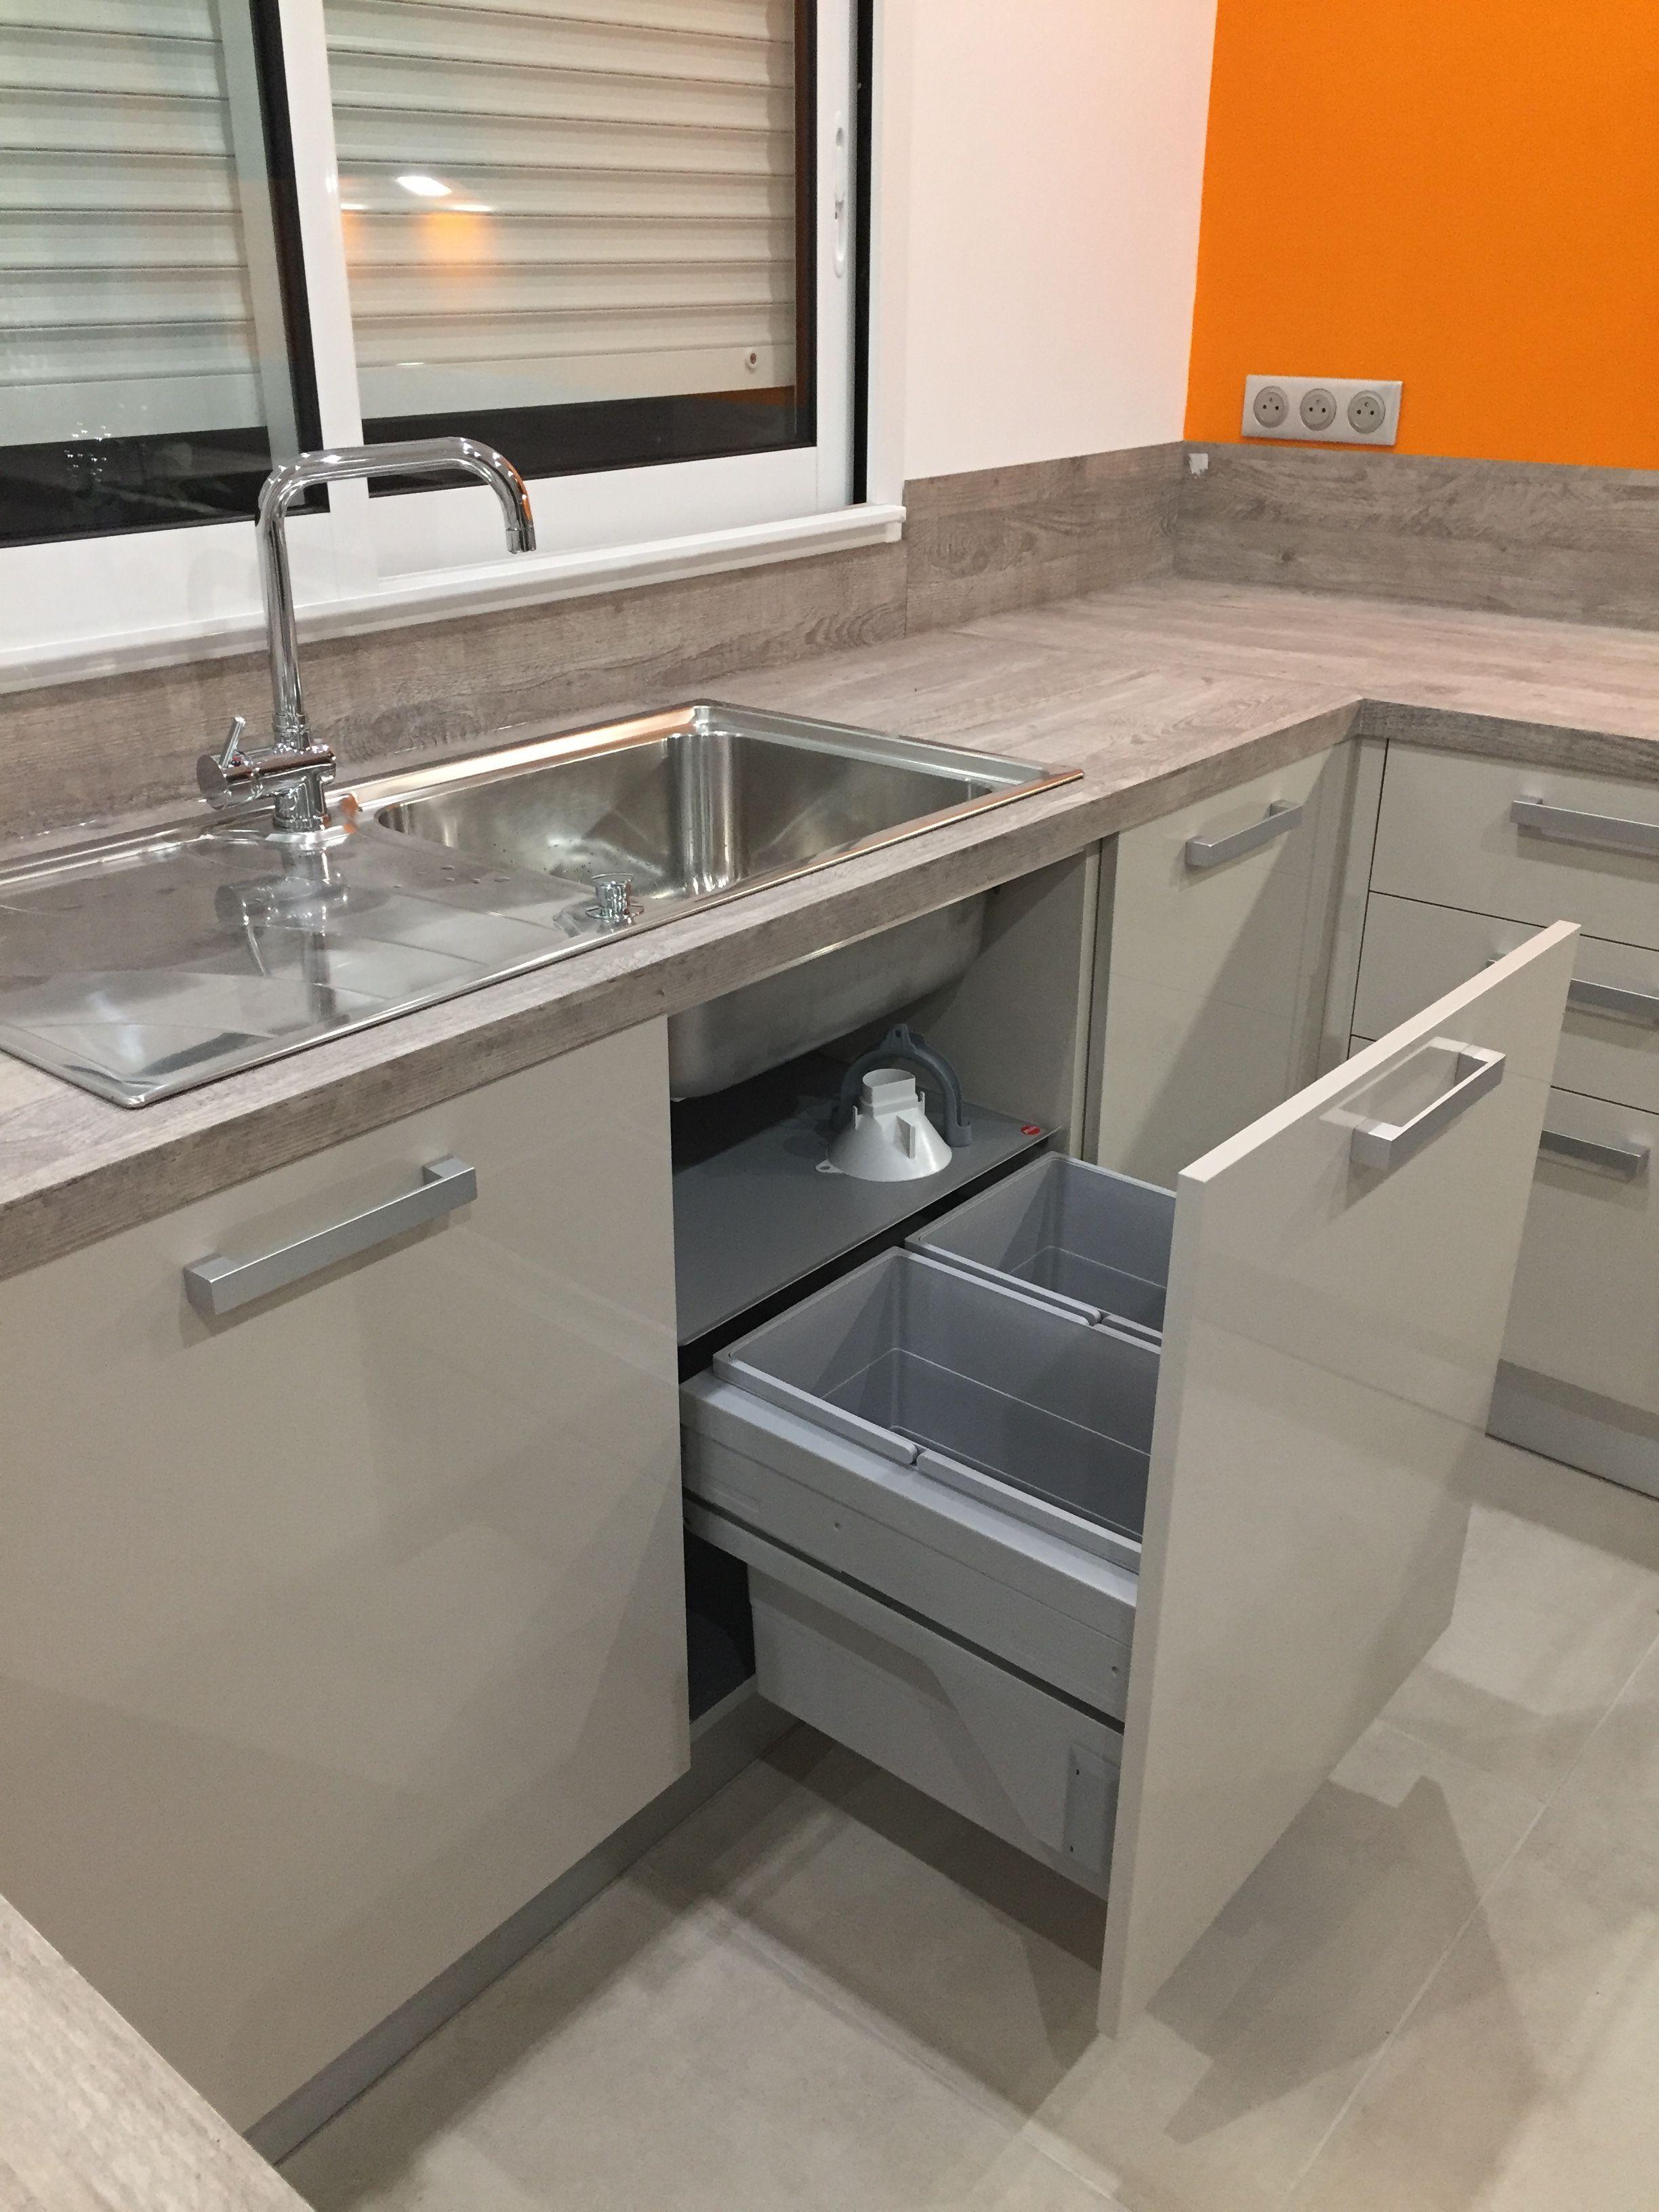 Poubelle Integree Dans Le Sous Evier Kitchen Design Modern Kitchen Design Small Kitchen